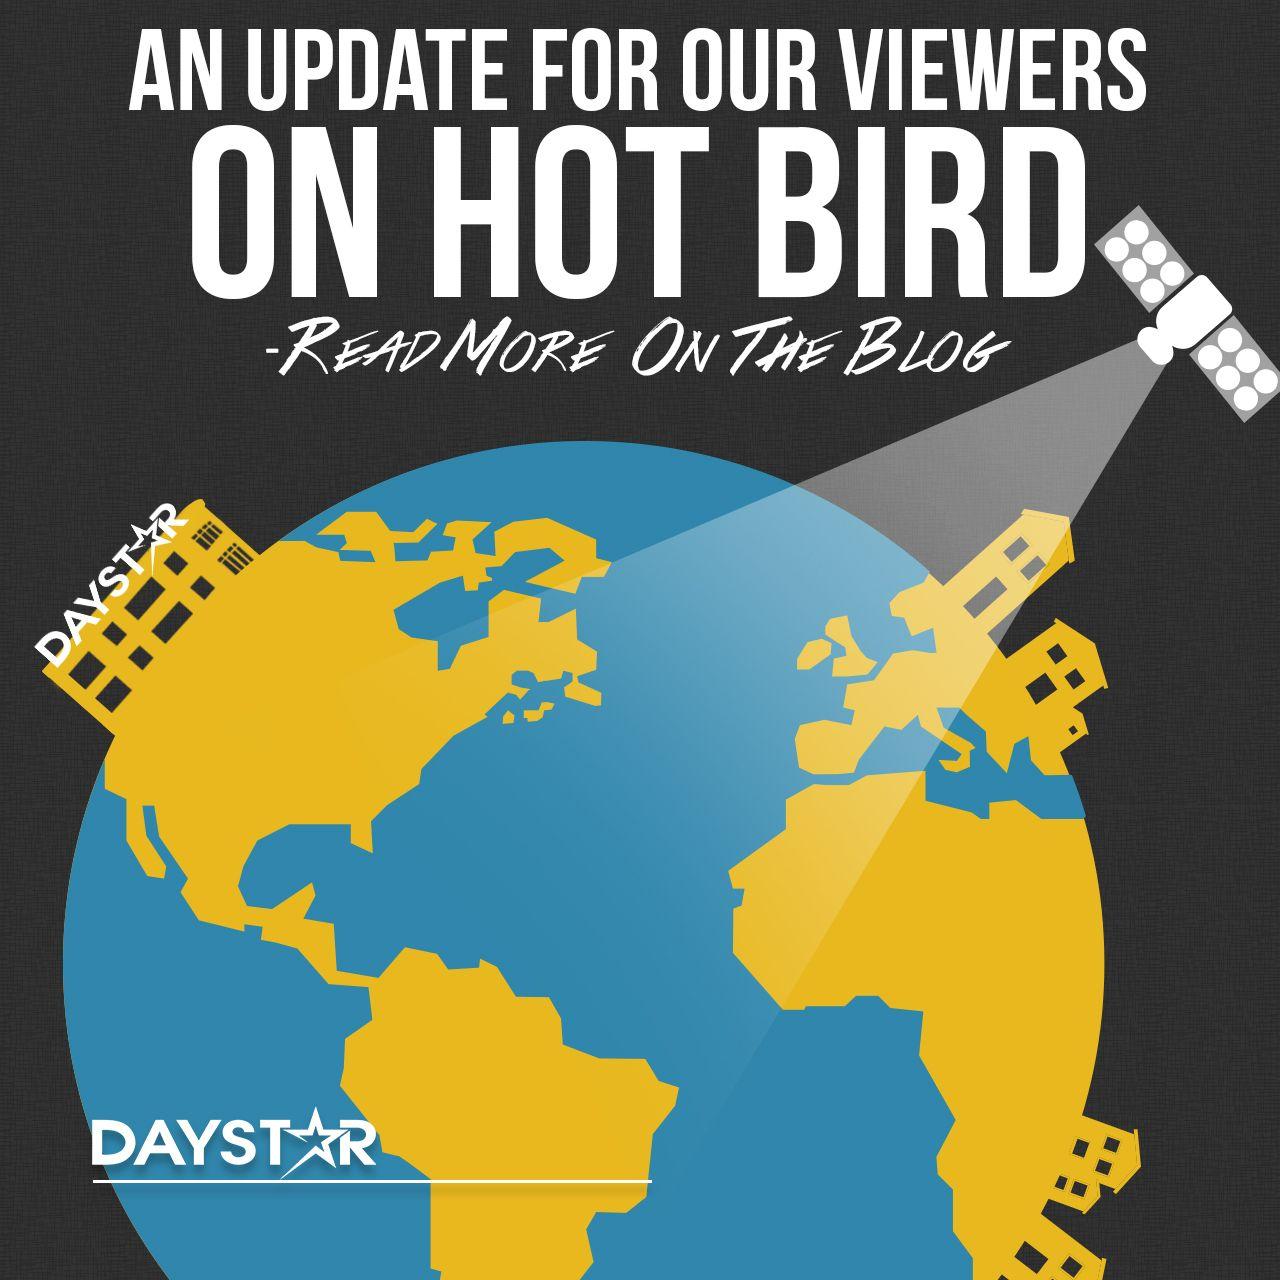 An Update for Our Viewers on Hot Bird | Daystar Blogs | Hot, News